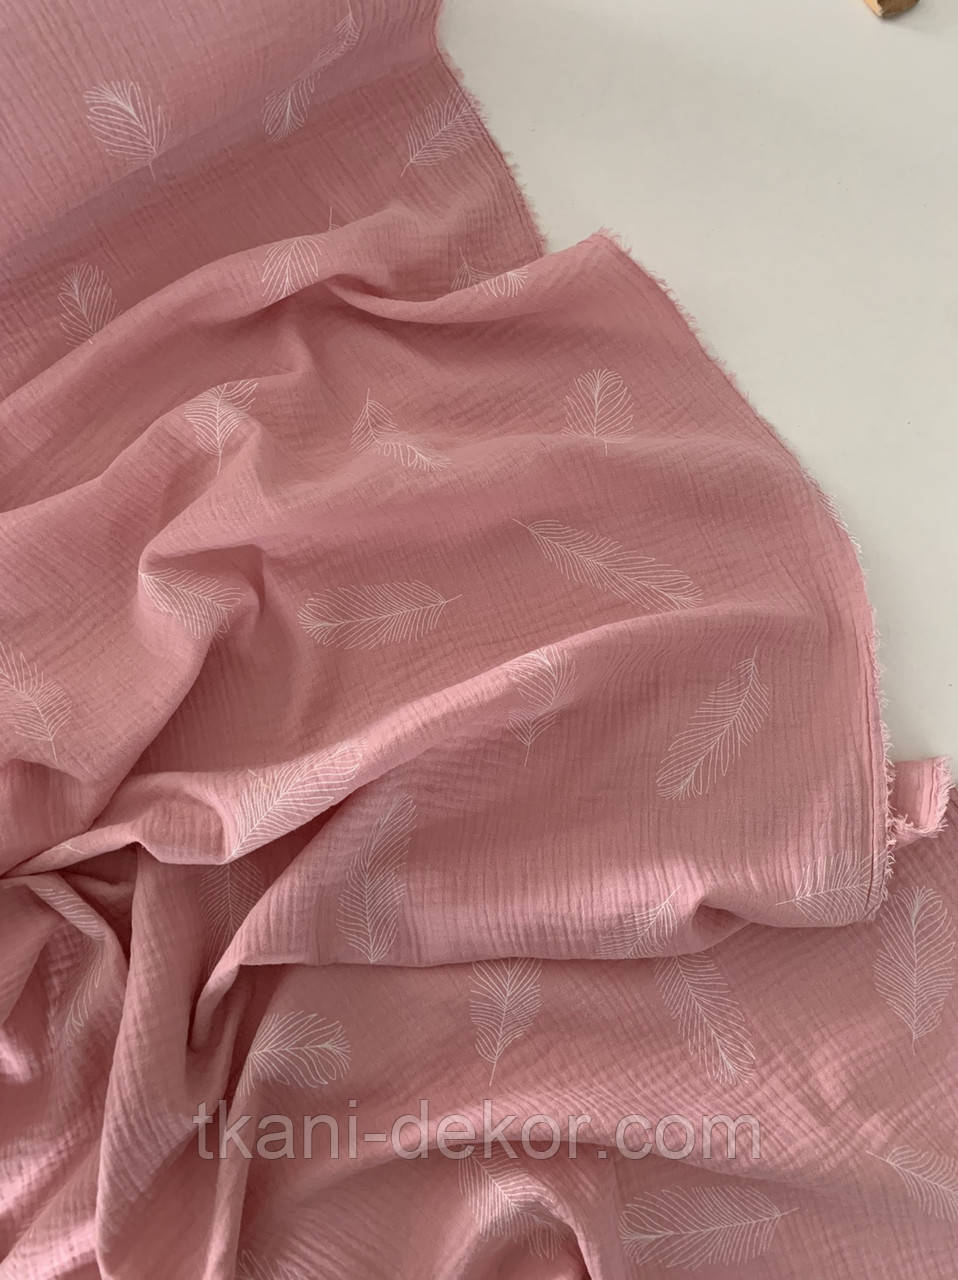 Муслин (хлопковая ткань) перышки крупные на розе (85*135)